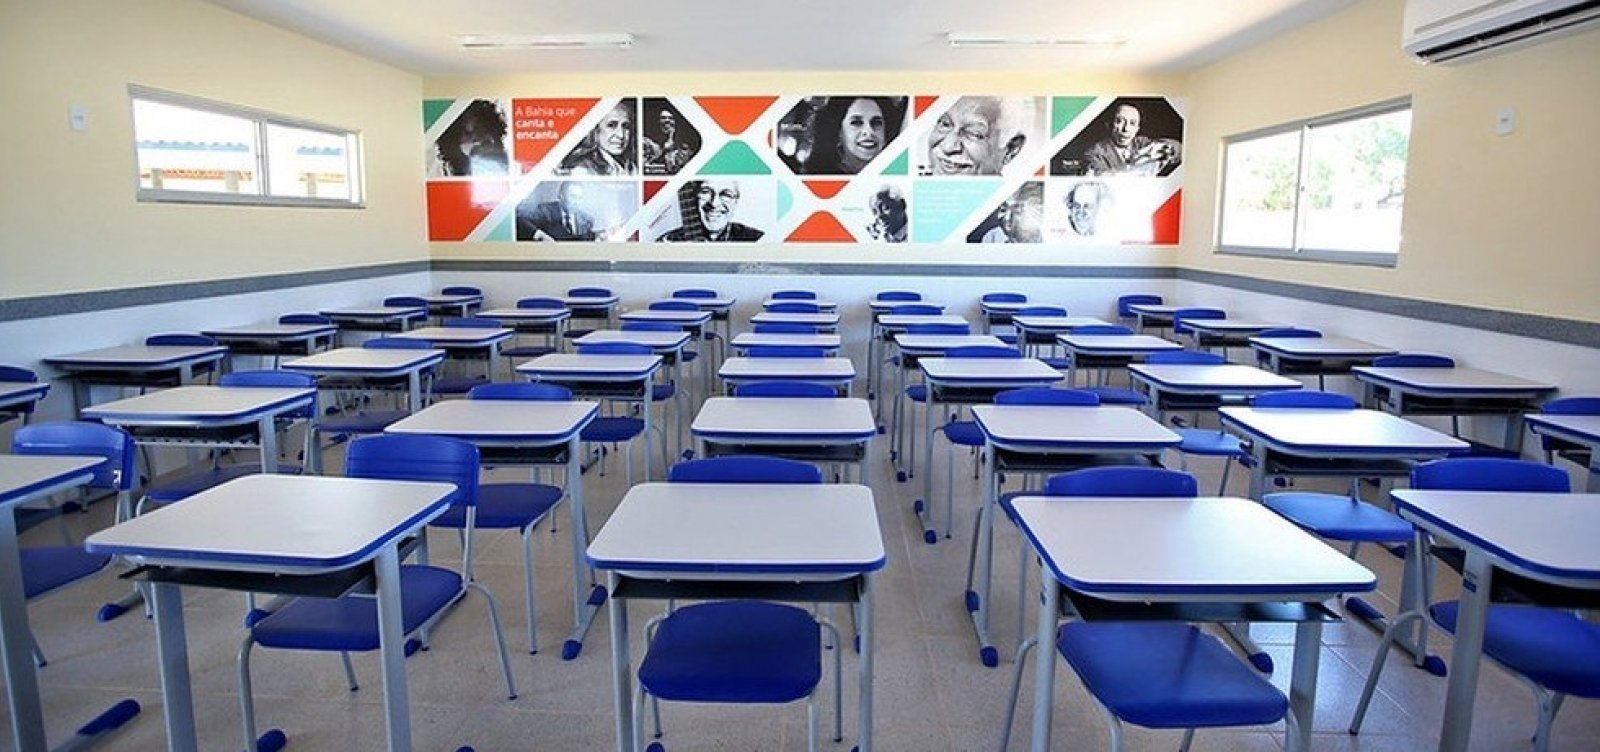 [Governo da Bahia prorroga decreto que proíbe shows e aulas até 21 de fevereiro]